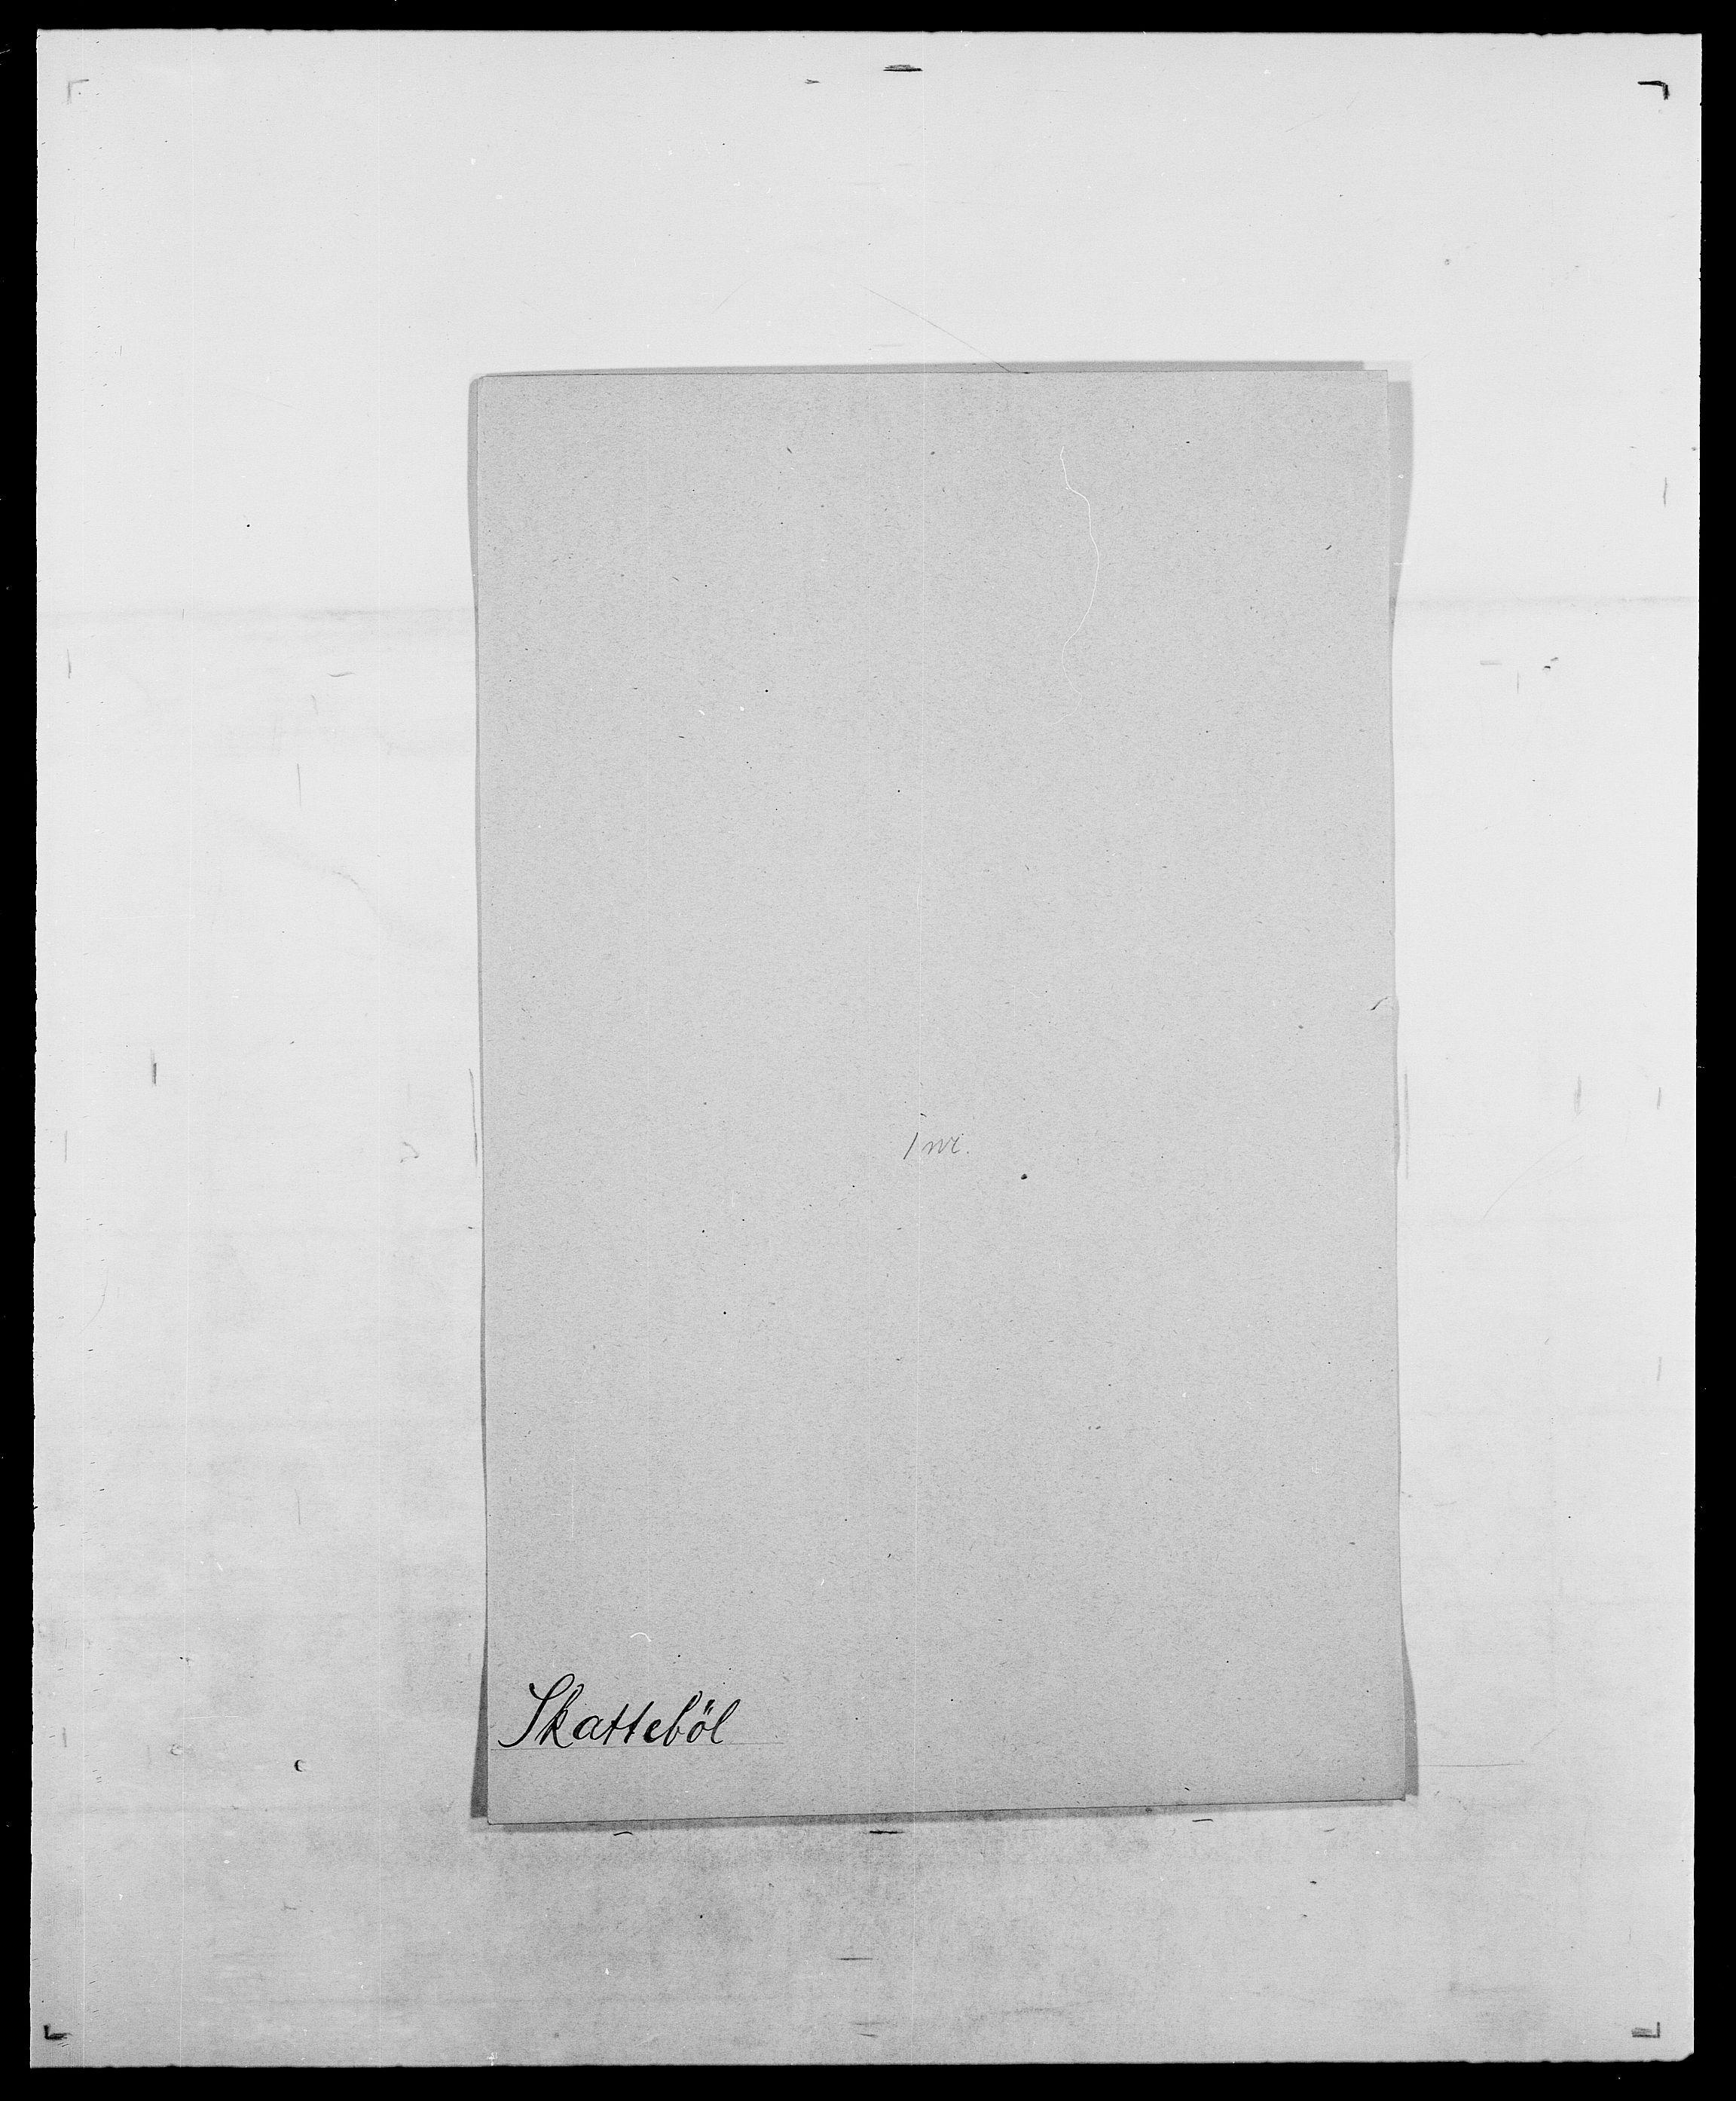 SAO, Delgobe, Charles Antoine - samling, D/Da/L0036: Skaanør - Staverskov, s. 38